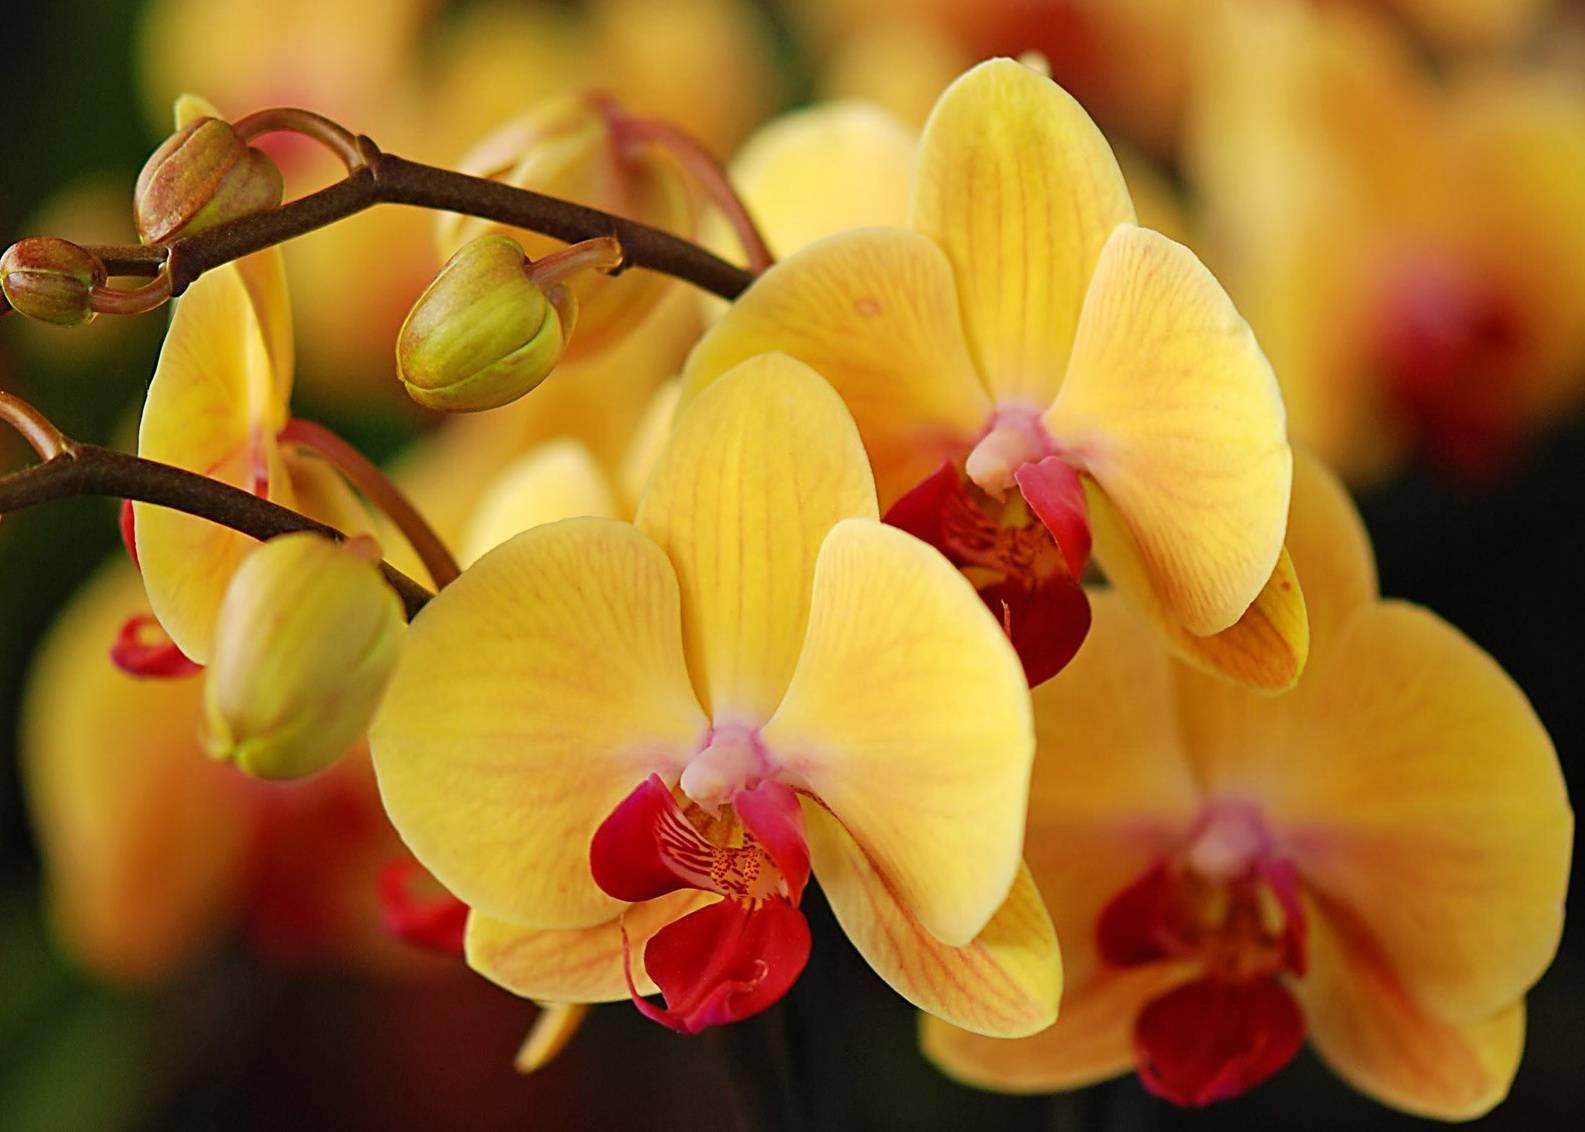 Почему желтеют нераспустившиеся бутоны у орхидеи и что делать для предотвращения этого?